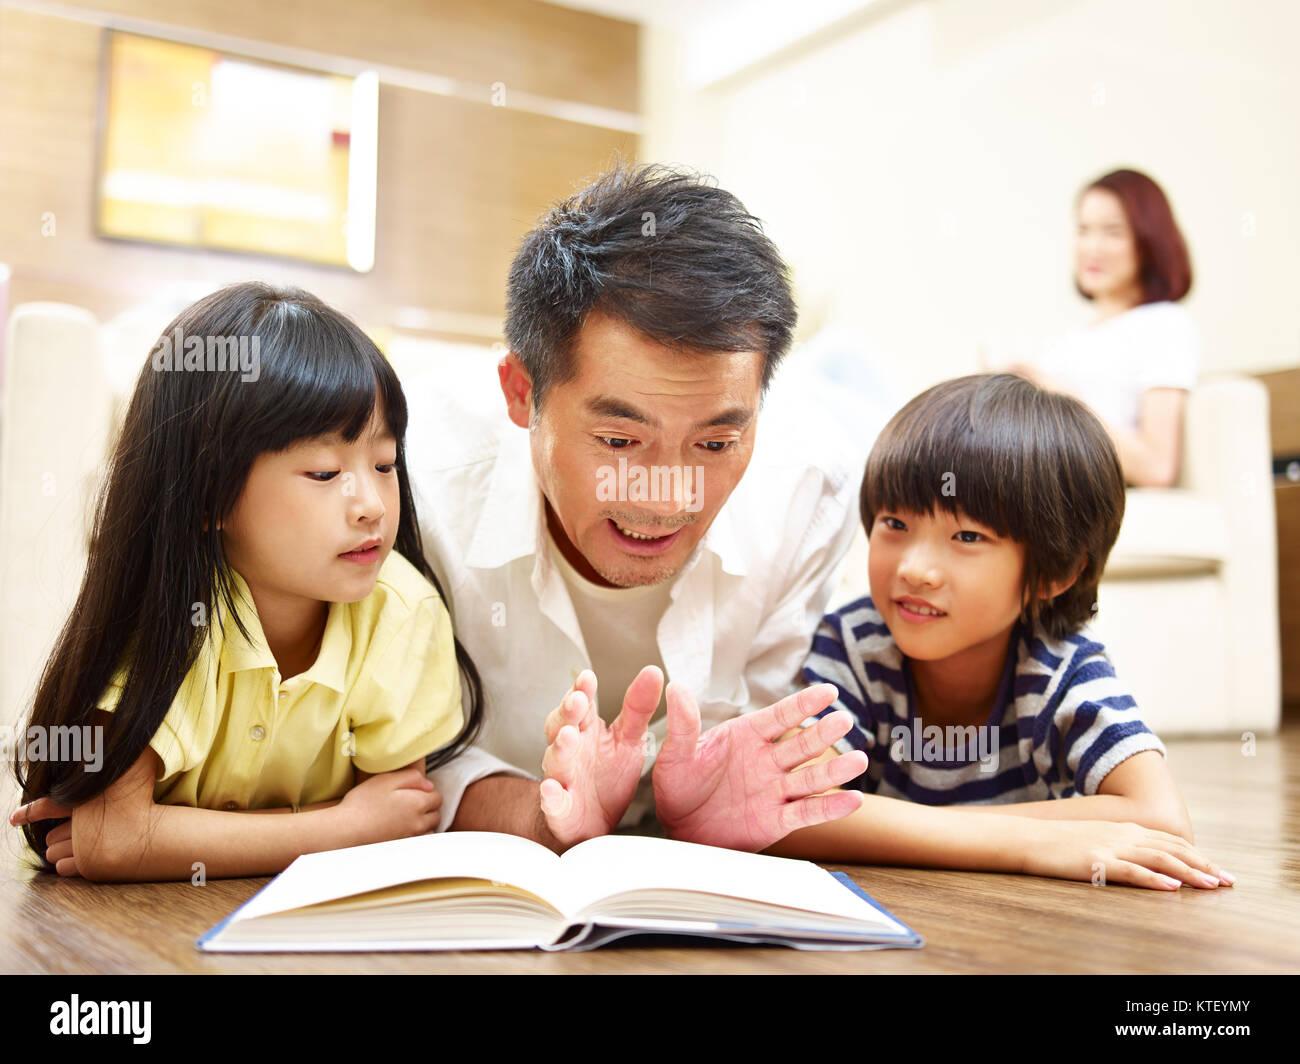 Asian padre e due figli che giace sulla parte anteriore sul pavimento libro lettura mentre madre guardando in background. Immagini Stock